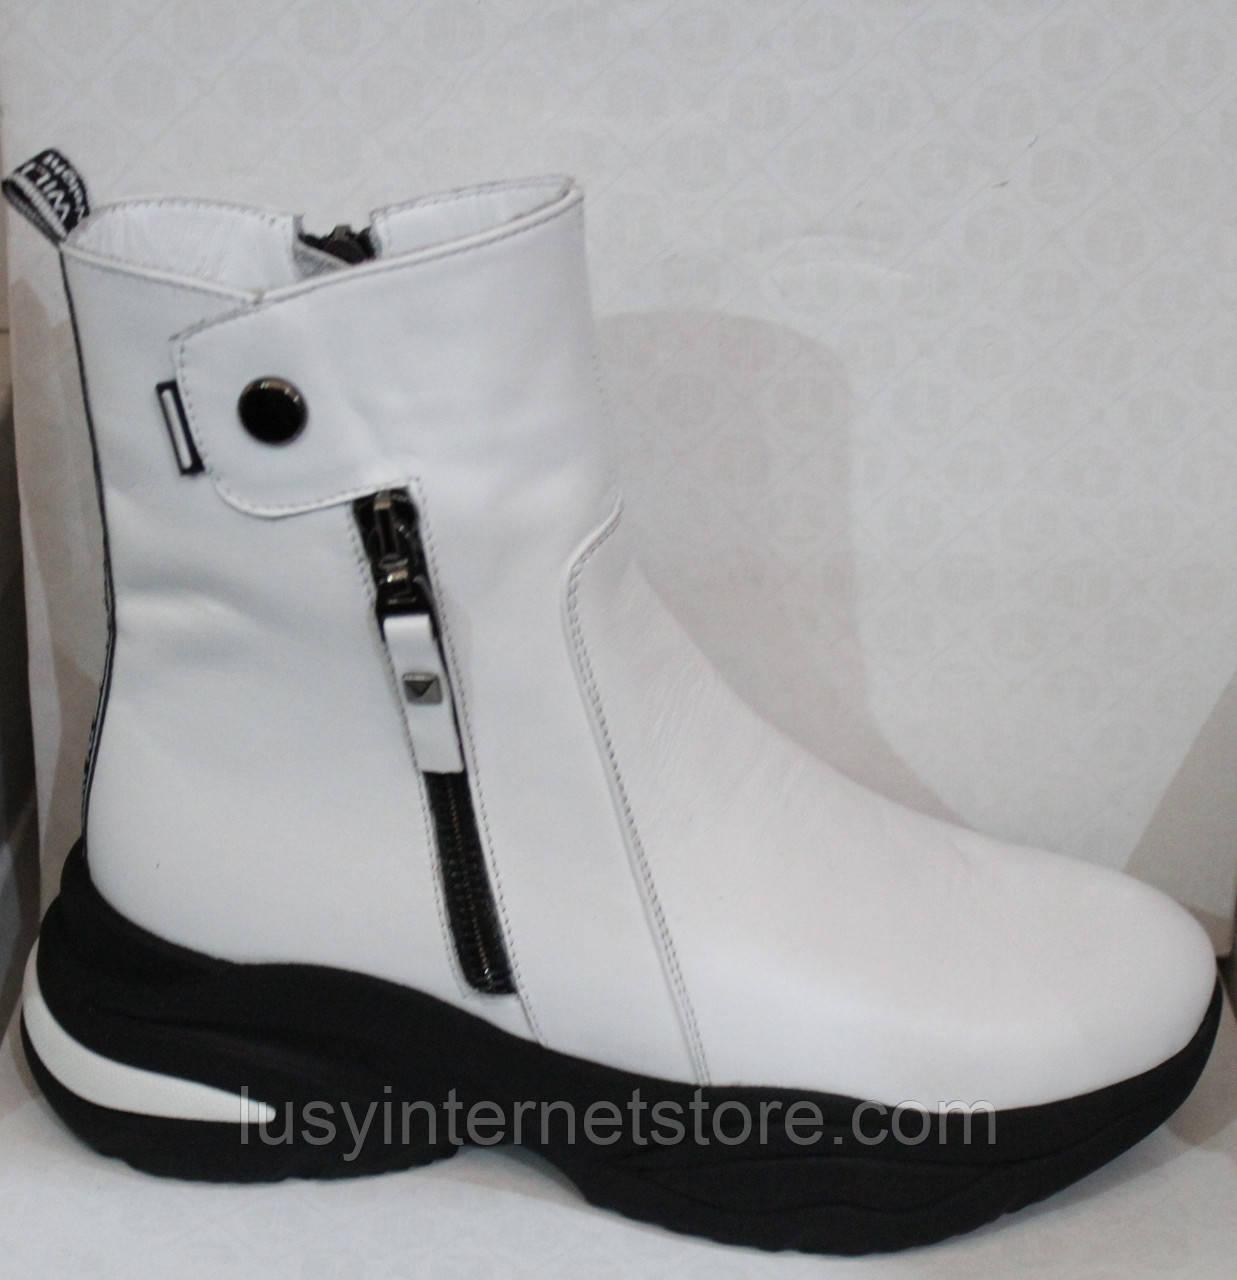 Ботинки женские белые демисезонные кожаные от производителя модель БМ1112